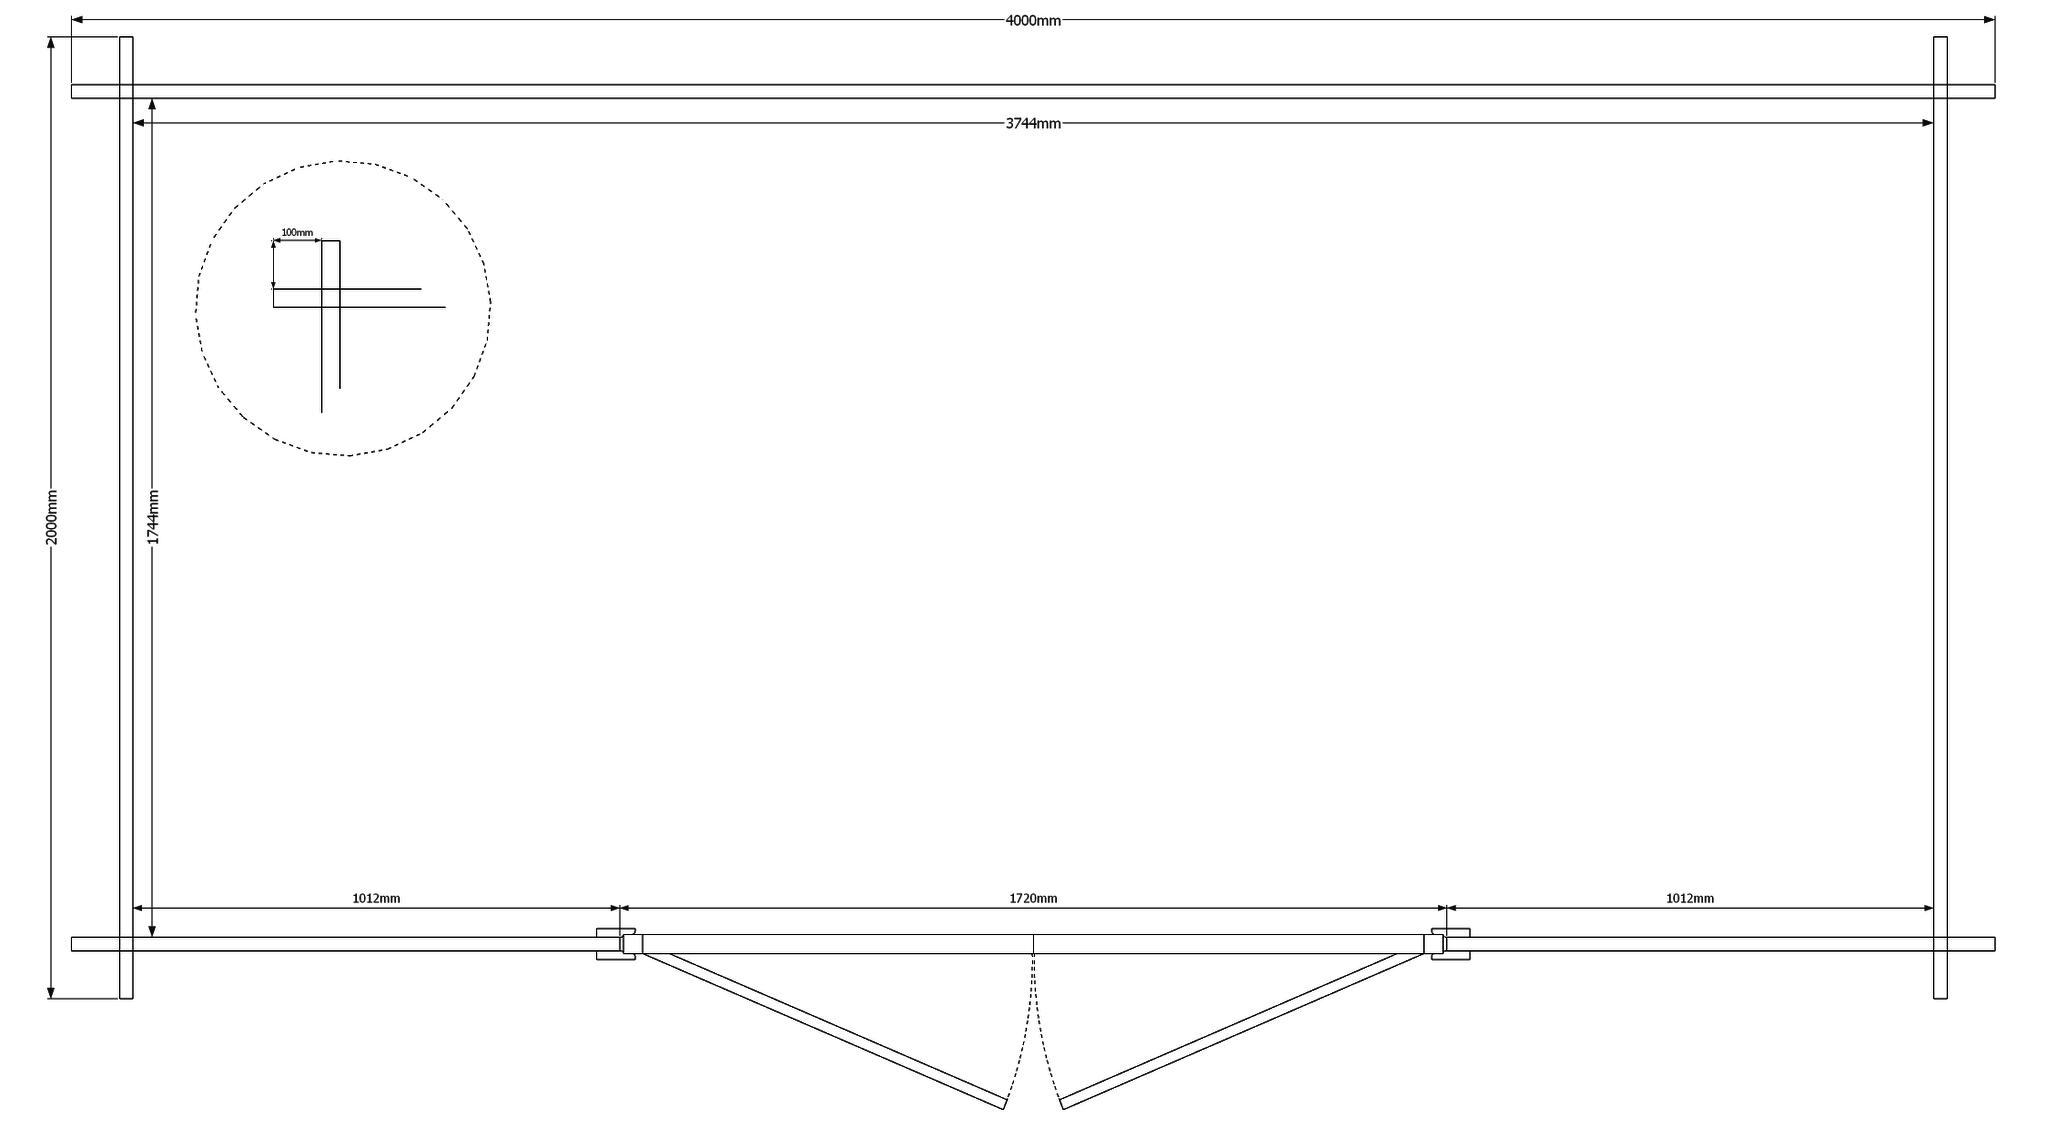 DWF Blokhut kapschuur 400 x 200cm